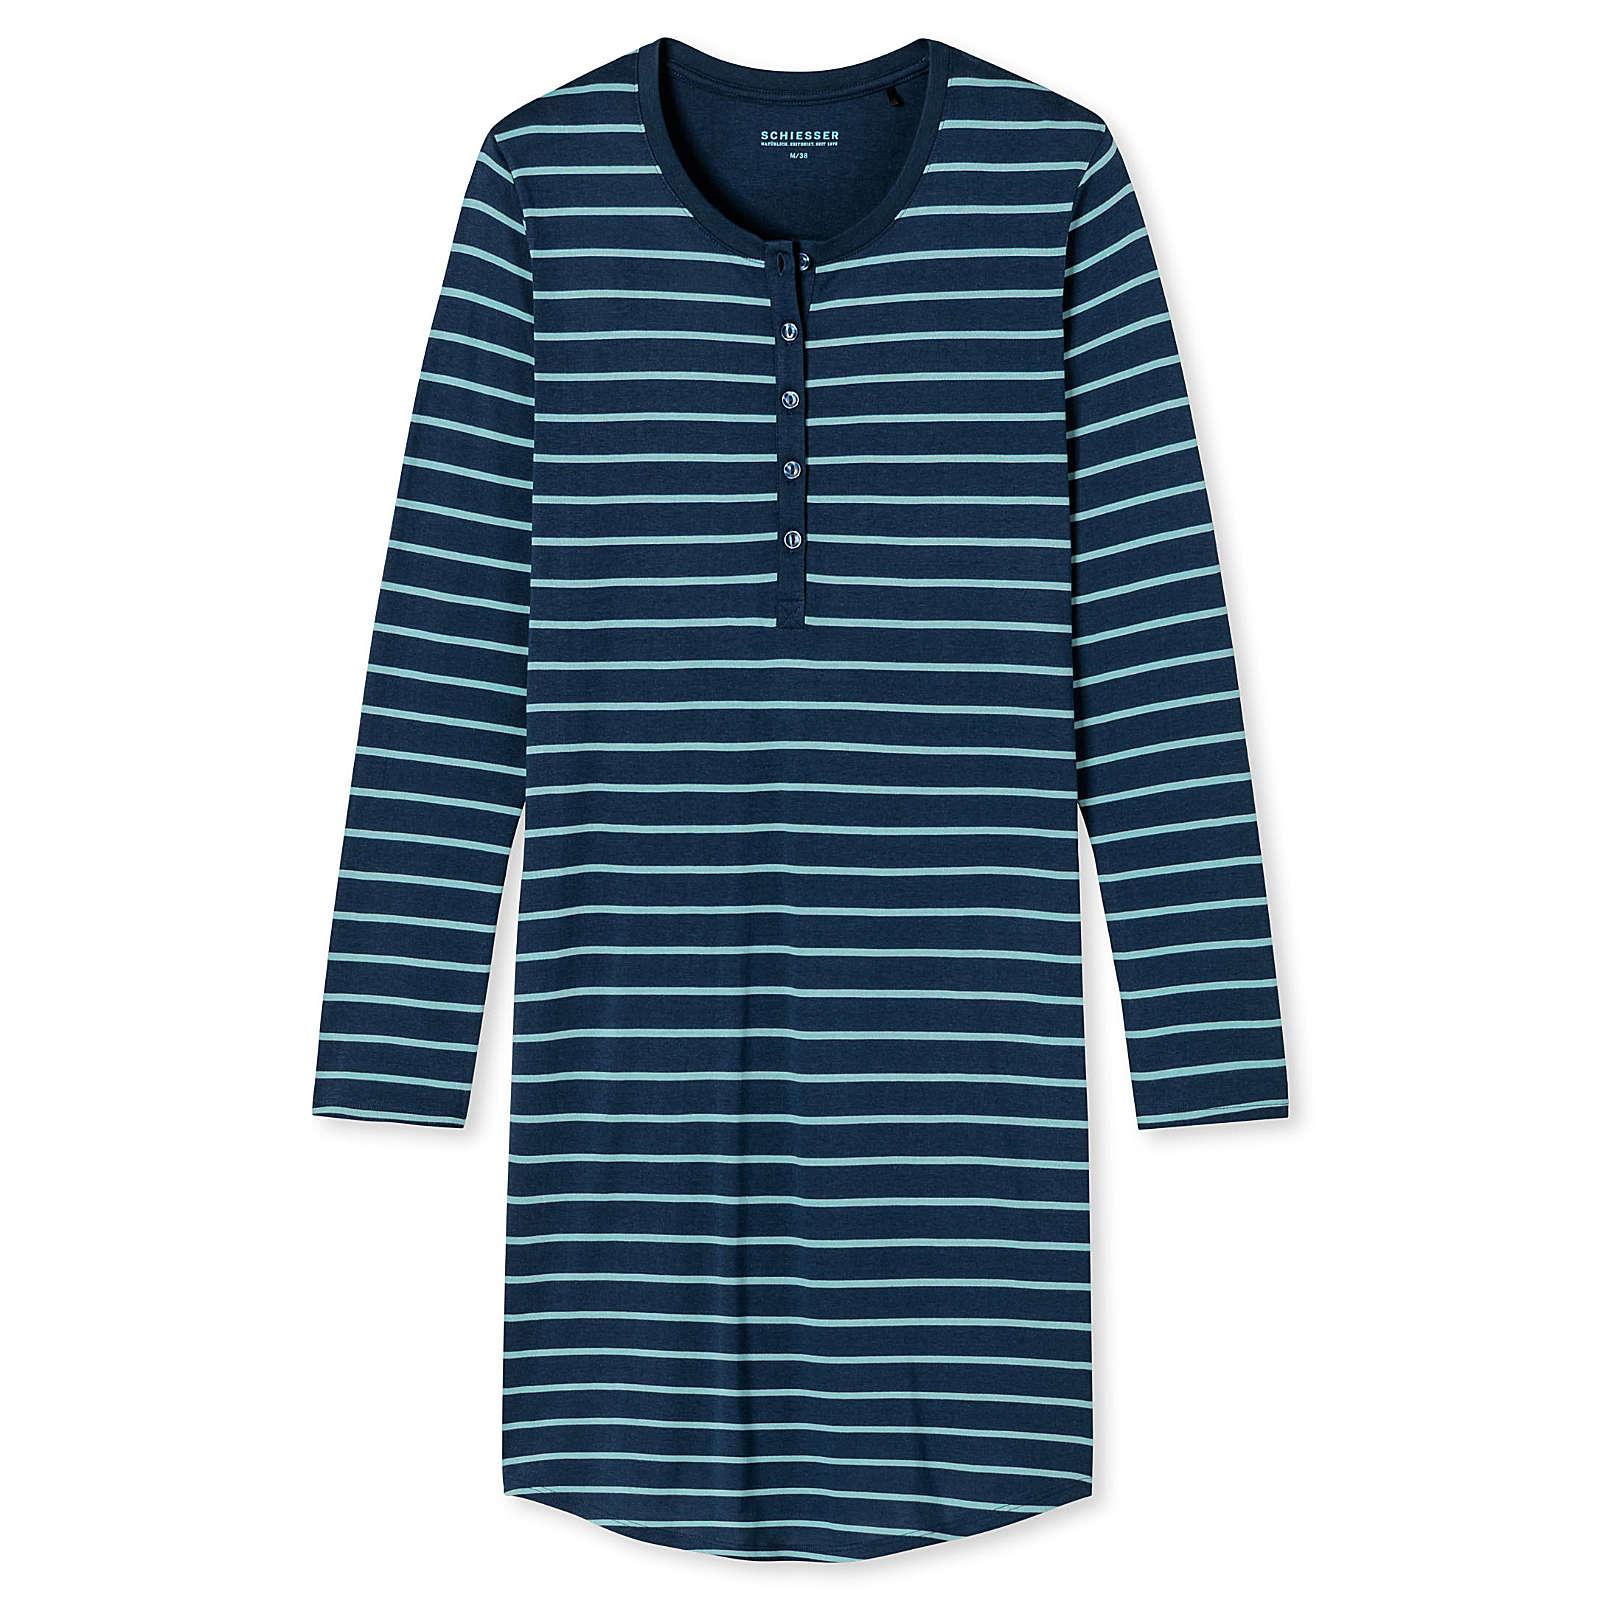 SCHIESSER Damen Nachthemd, 95 cm - Sleepshirt, 1/1-Arm, Knopfleiste, Ringel Nachthemden blau Damen Gr. 52